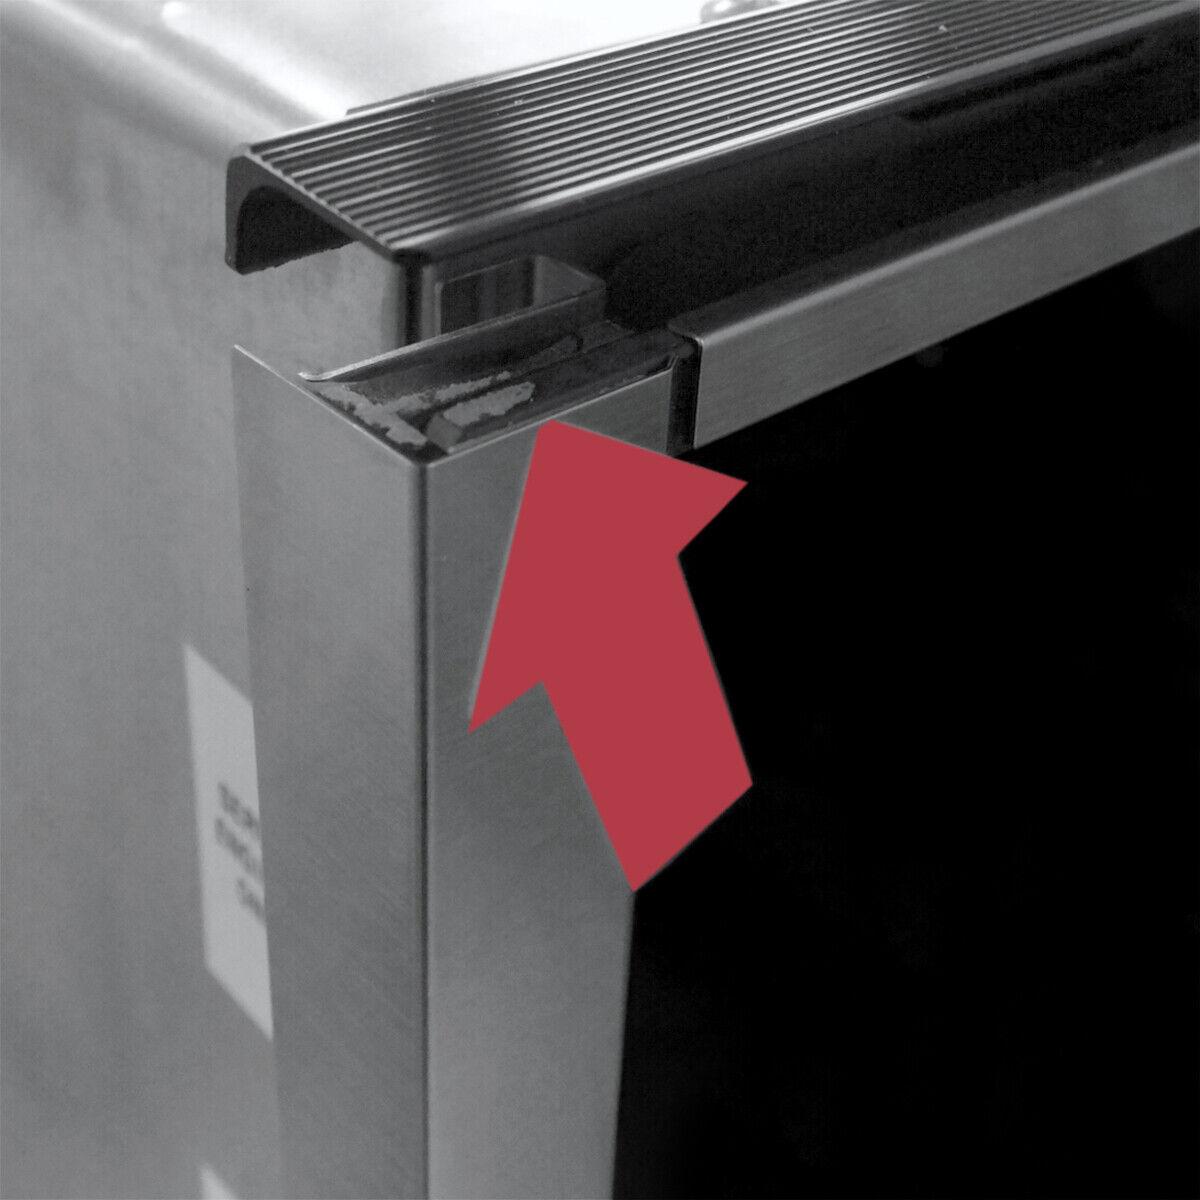 Einzelstück - Refurbished - Neff C17GR01N0 Einbau-Mikrowelle N70